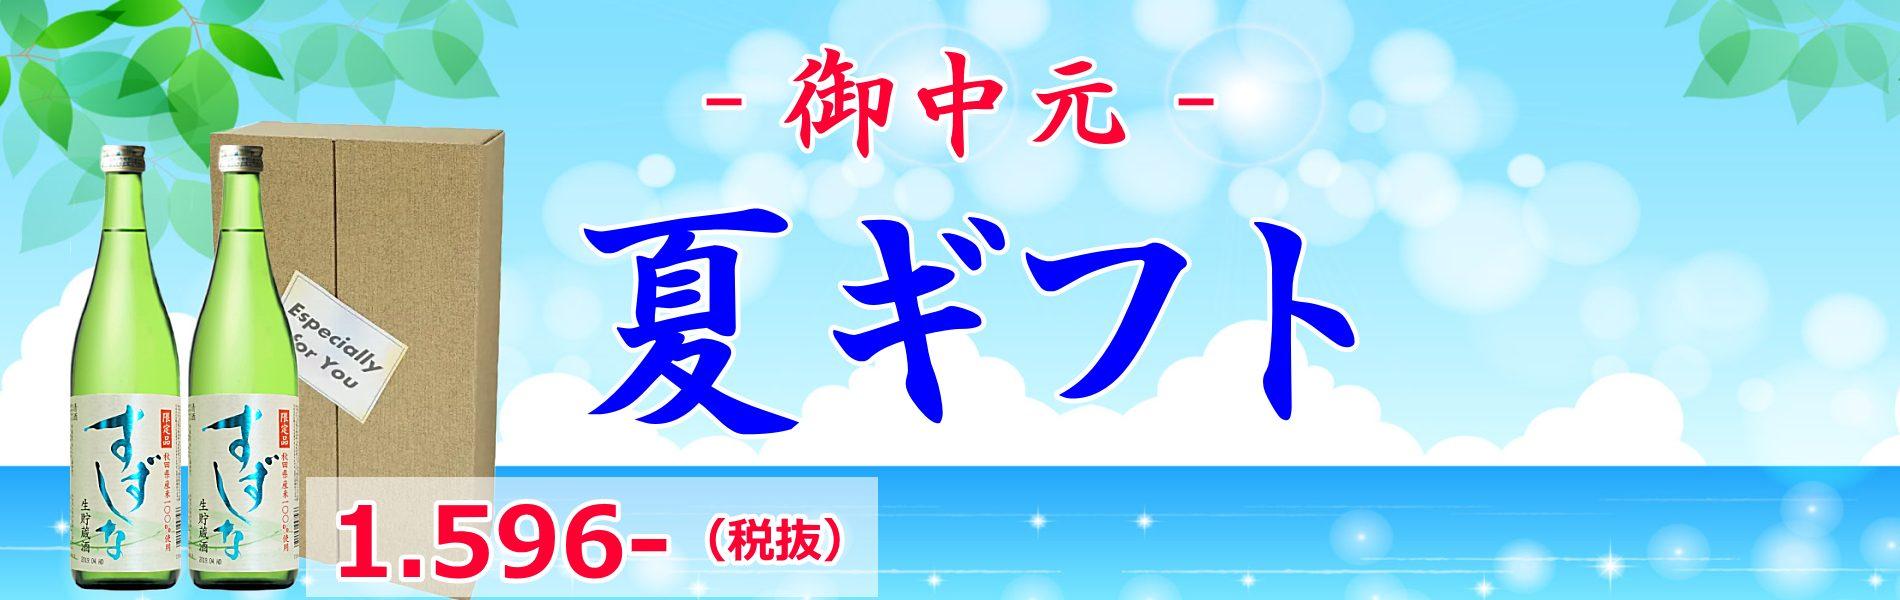 秋田地酒の夏ギフト お中元